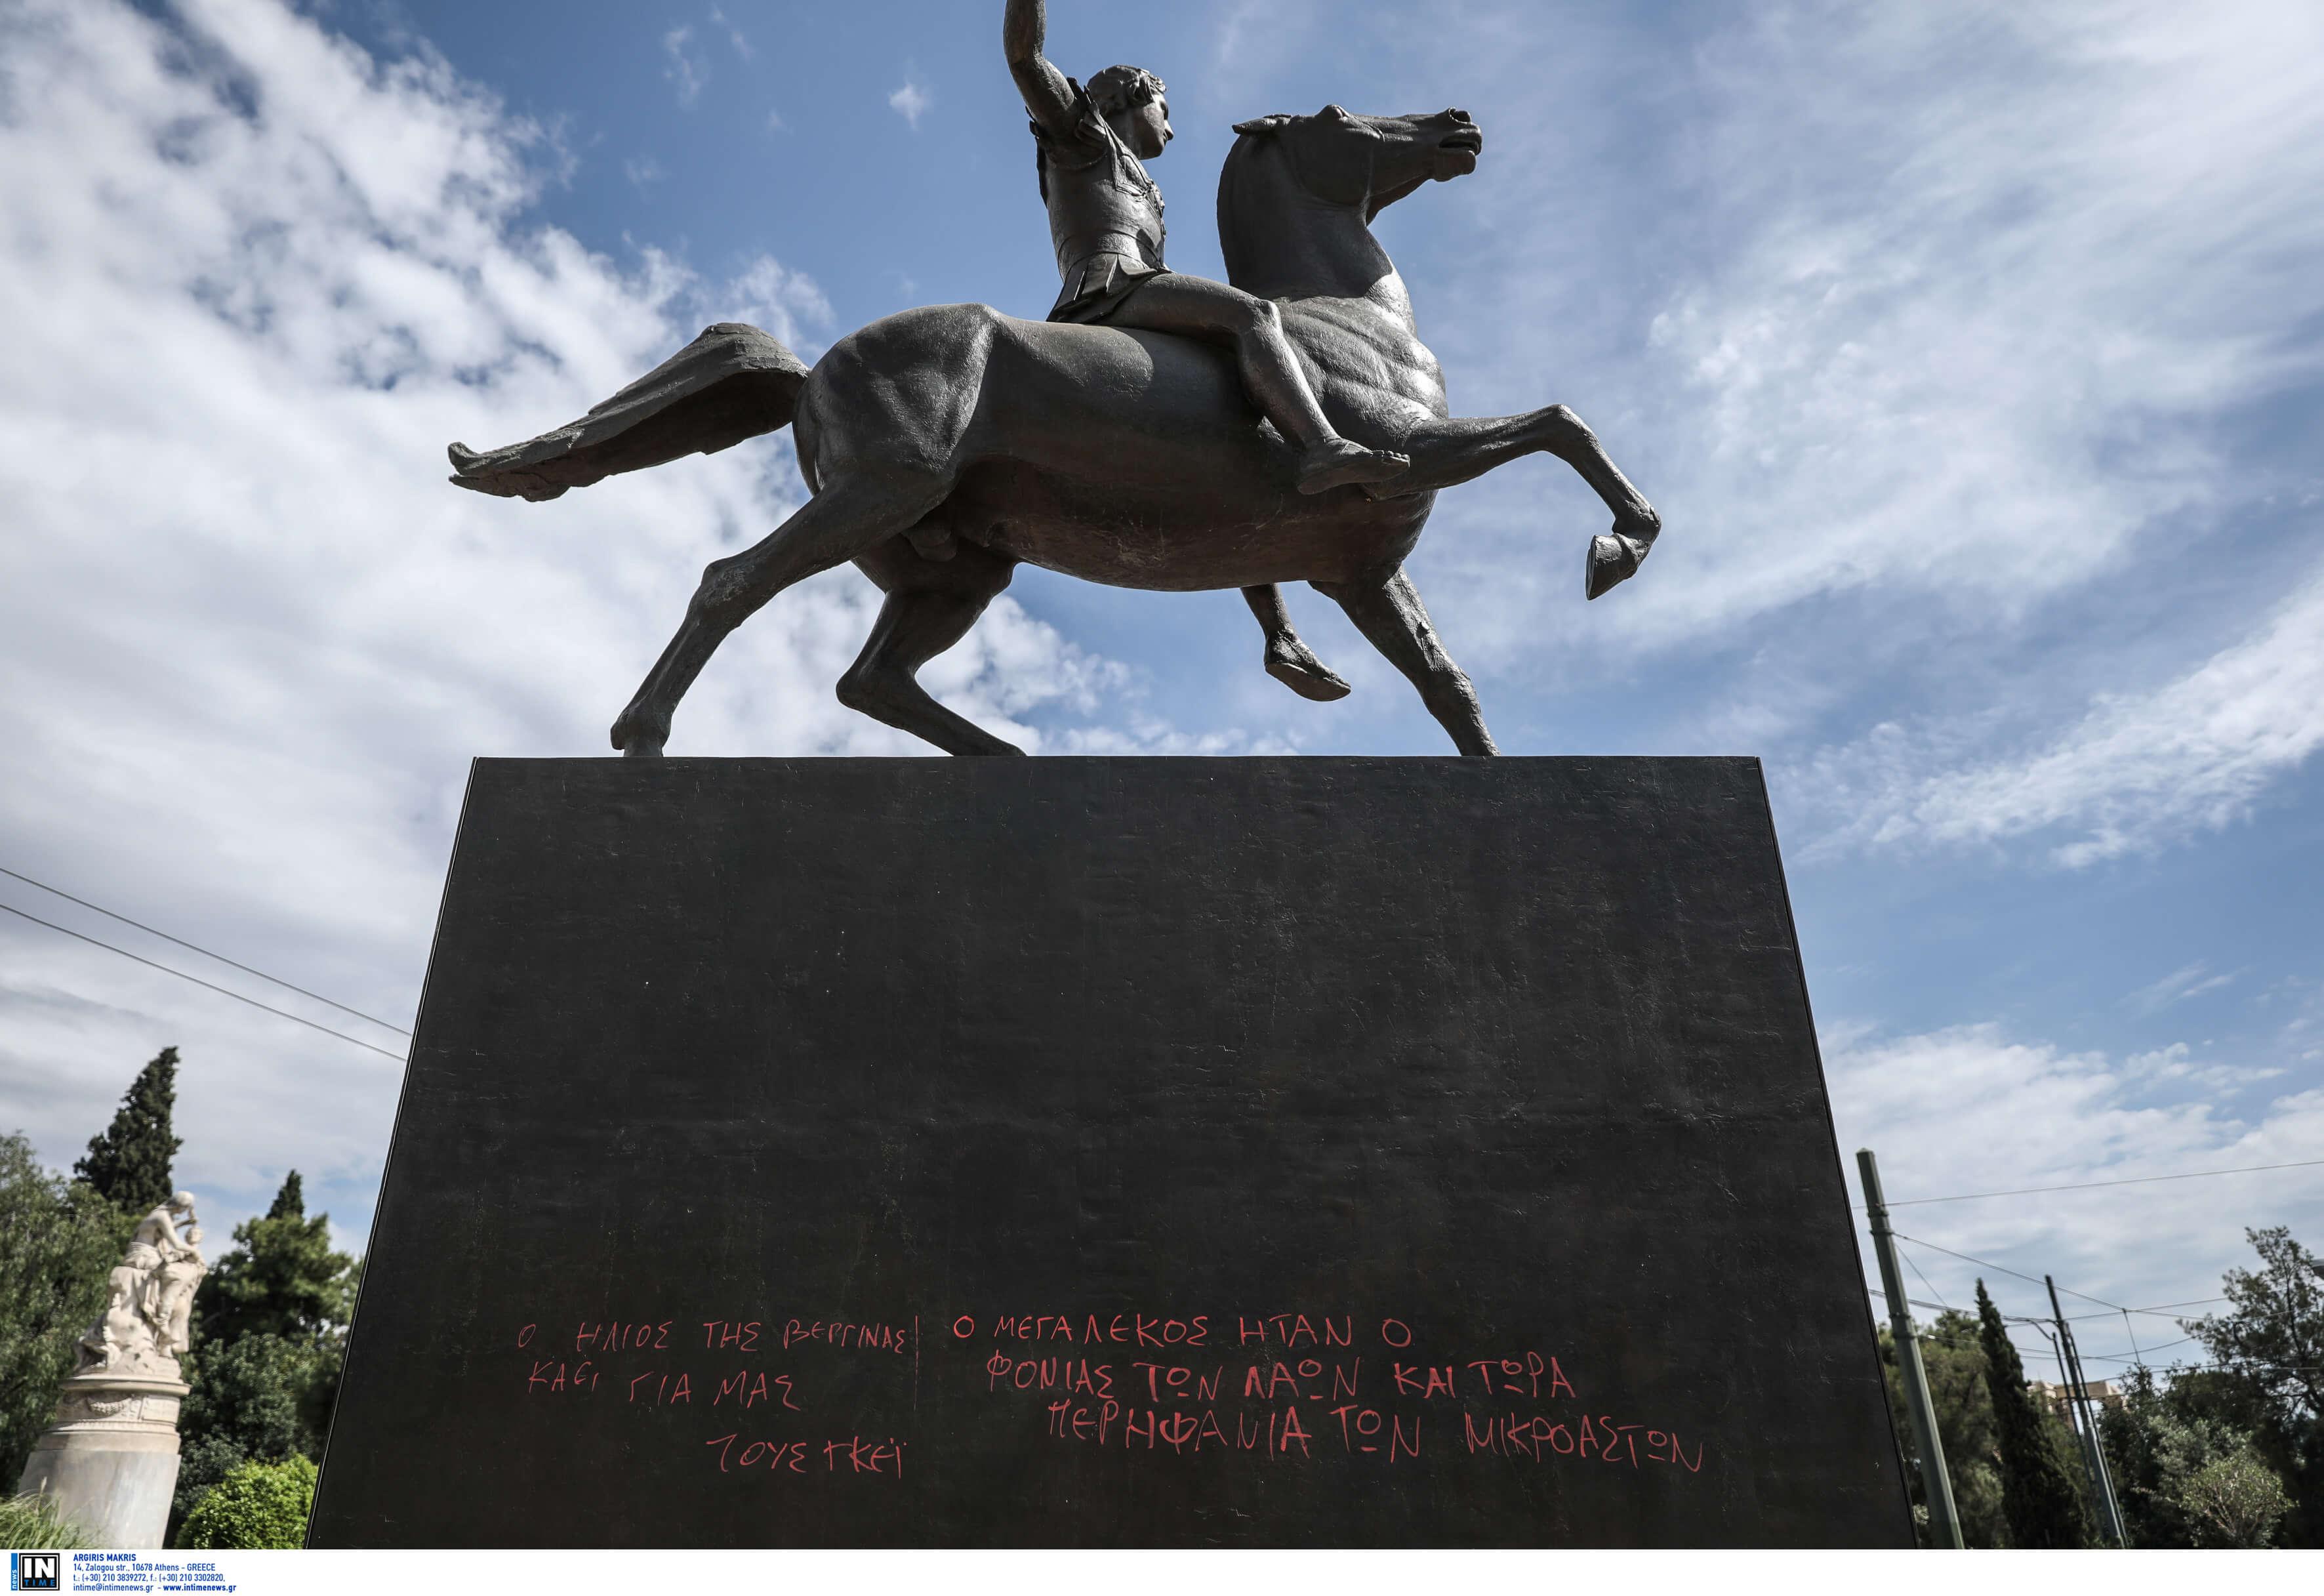 «Ο ήλιος της Βεργίνας καίει για μας τους γκέϊ» στο άγαλμα του Μεγάλου Αλεξάνδρου! | Newsit.gr